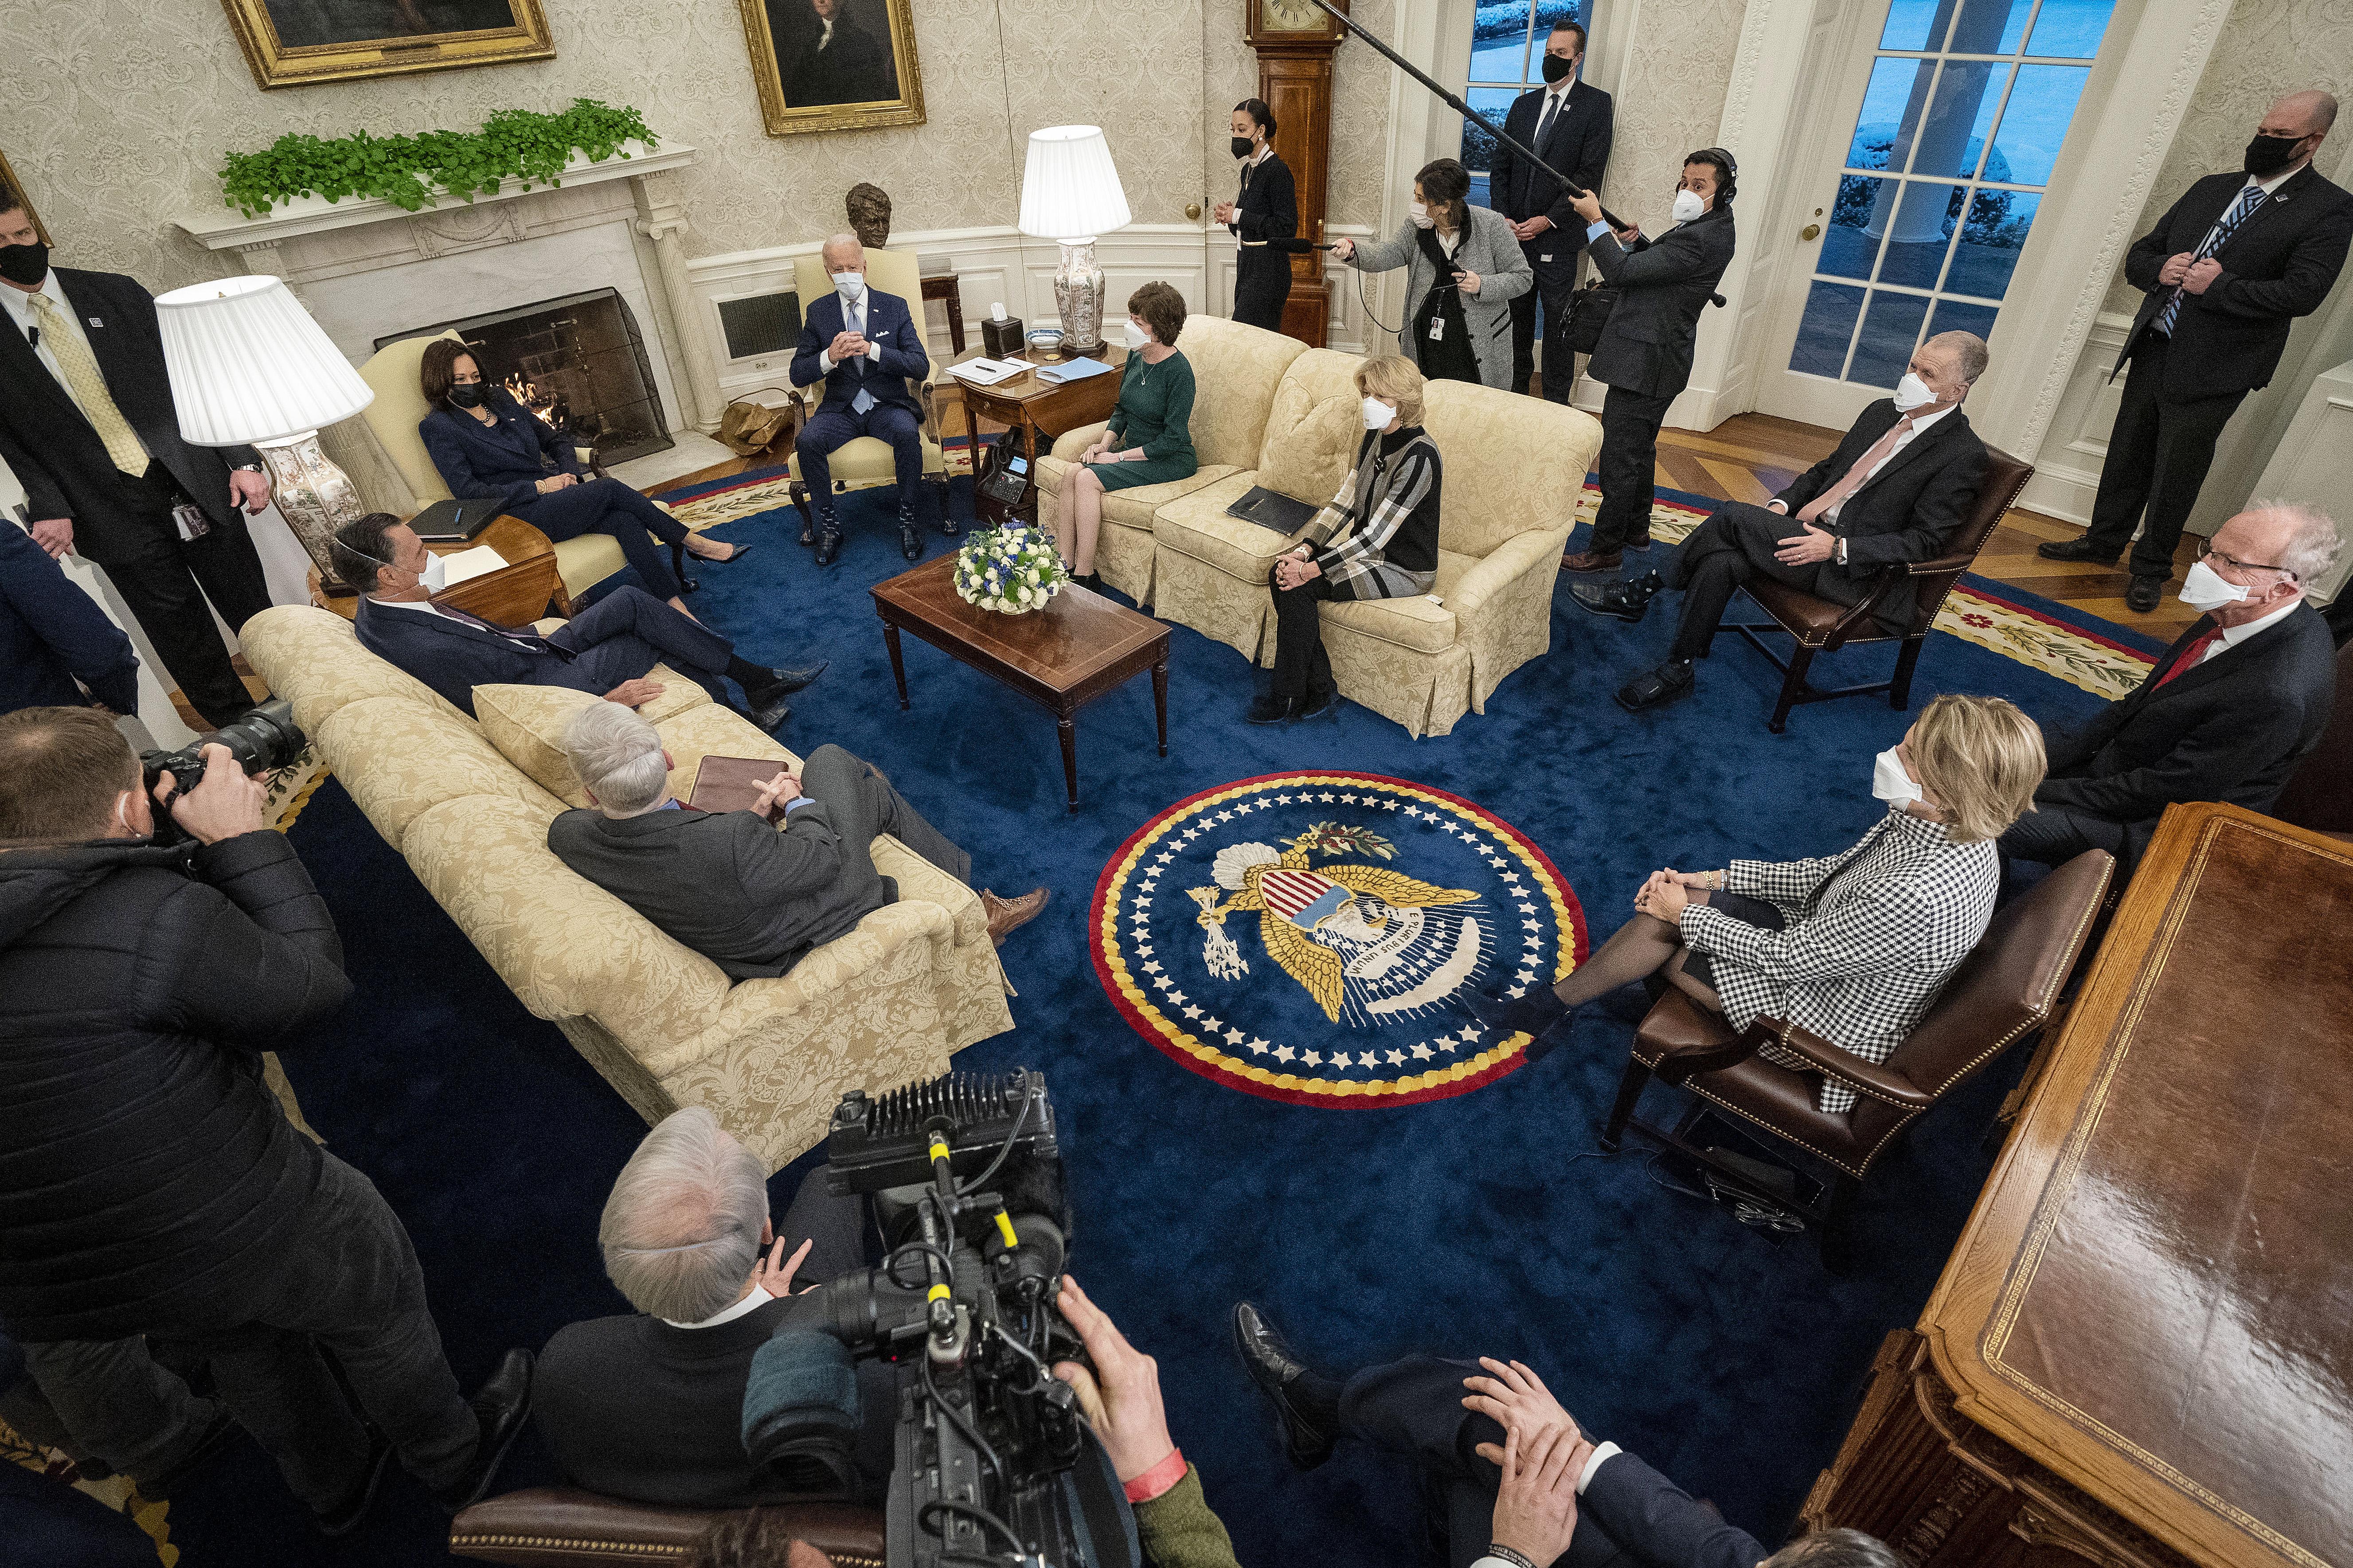 El presidente estadounidense Joe Biden (centro R) y la vicepresidenta Kamala Harris (centro L) se reúnen con 10 senadores republicanos, entre ellos Mitt Romney (R-UT), Bill Cassidy (R-LA), Susan Collins ( R-ME), Lisa Murkowski (R-AK), Thom Tillis (R-NC), Jerry Moran (R-KS), Shelley Moore Capito (R-WV) y otros, en la Oficina Oval de la Casa Blanca el 1 de febrero , 2021 en Washington, DC.